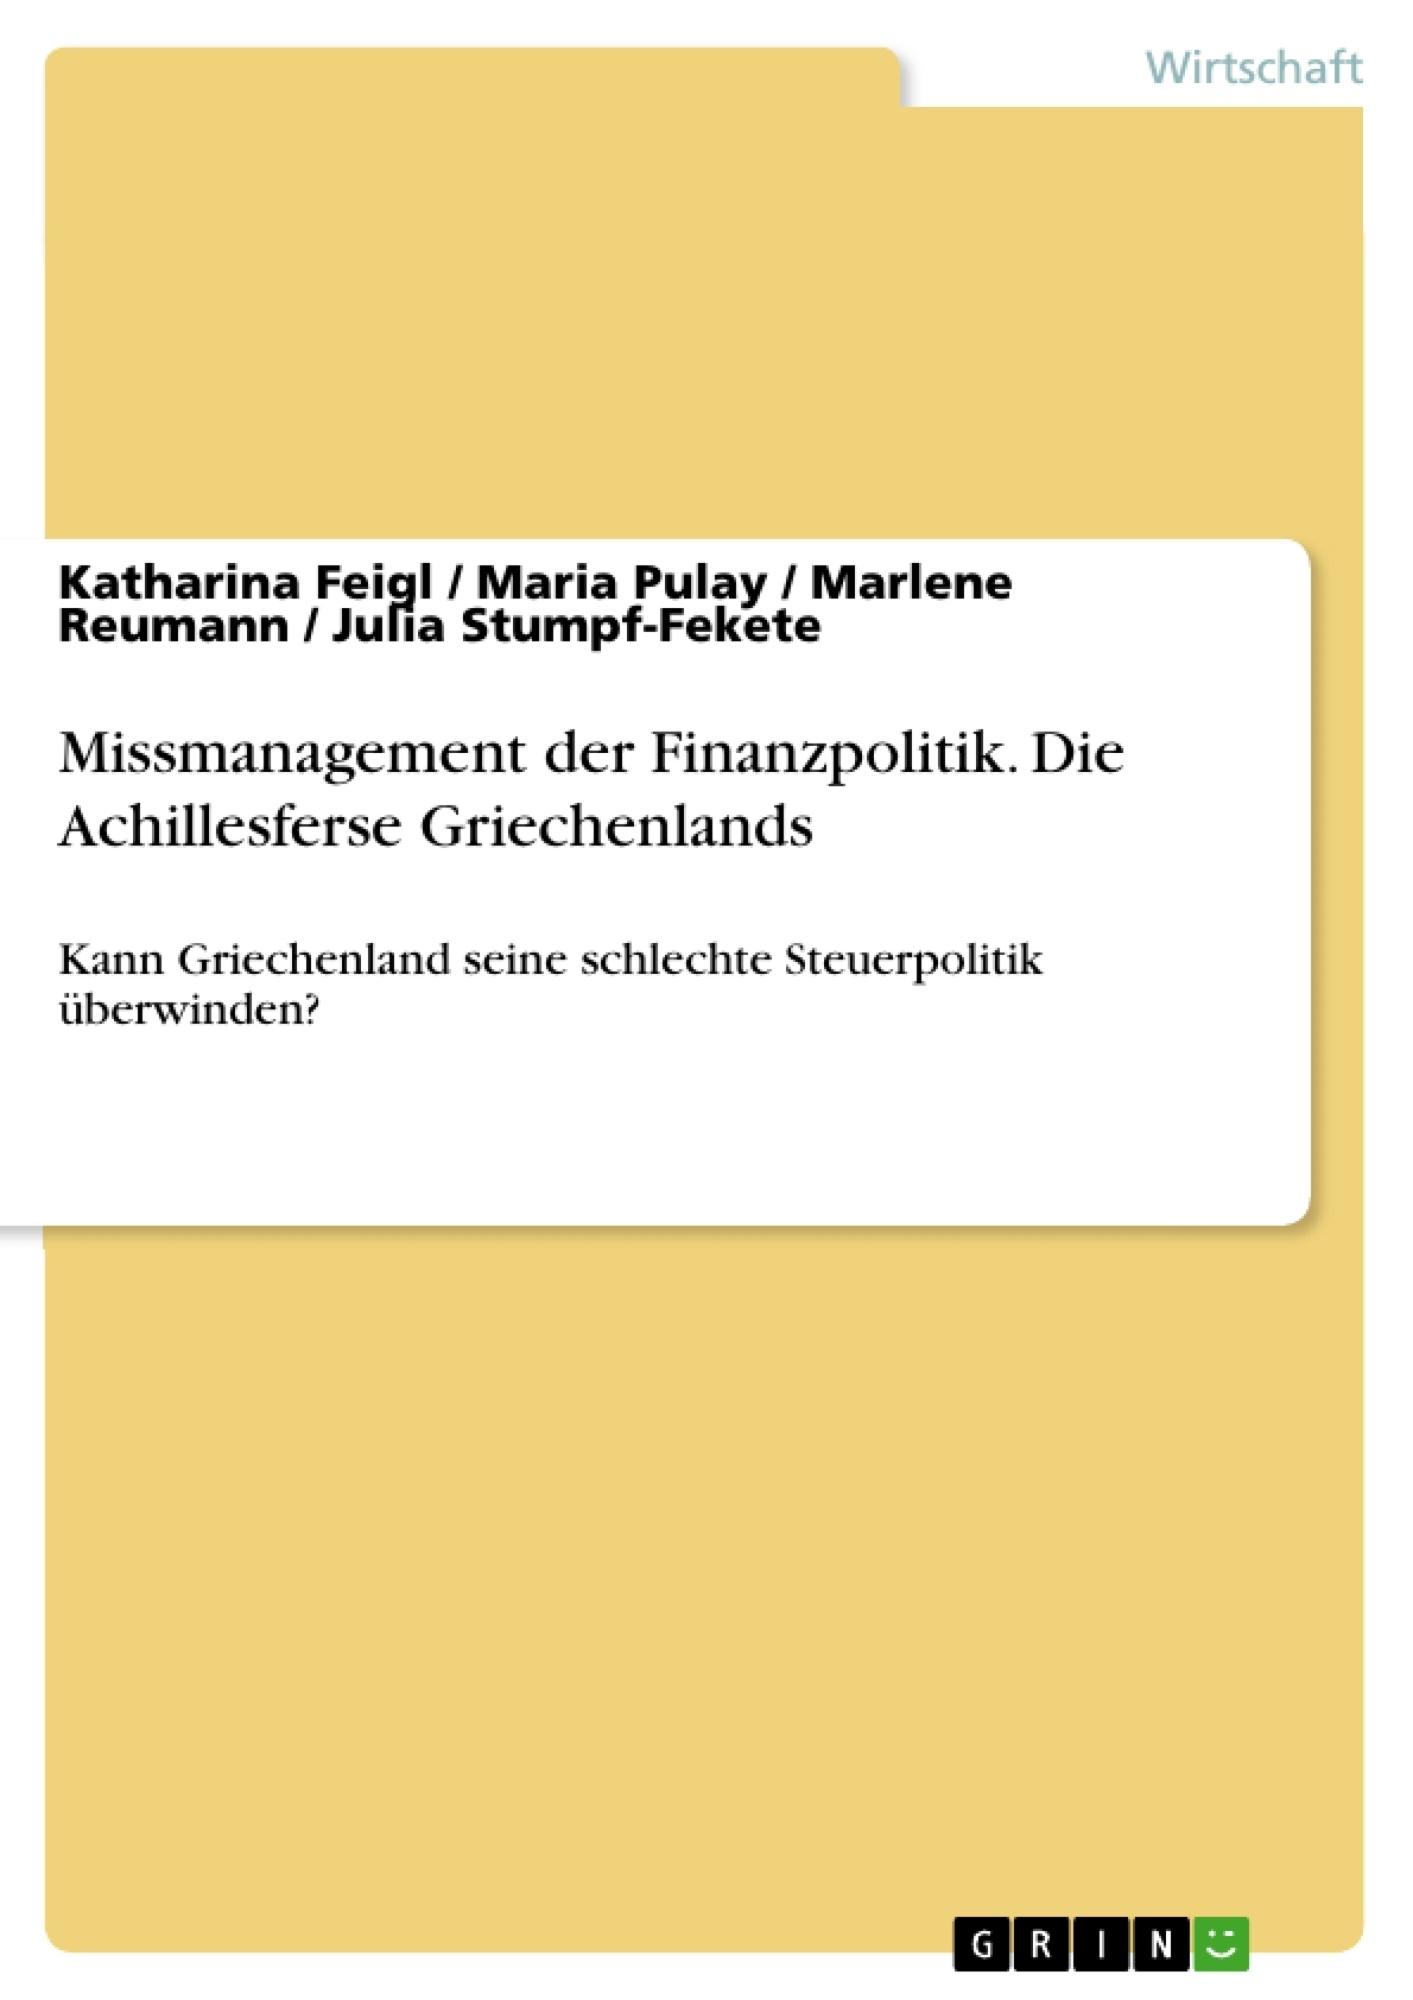 Titel: Missmanagement der Finanzpolitik. Die Achillesferse Griechenlands